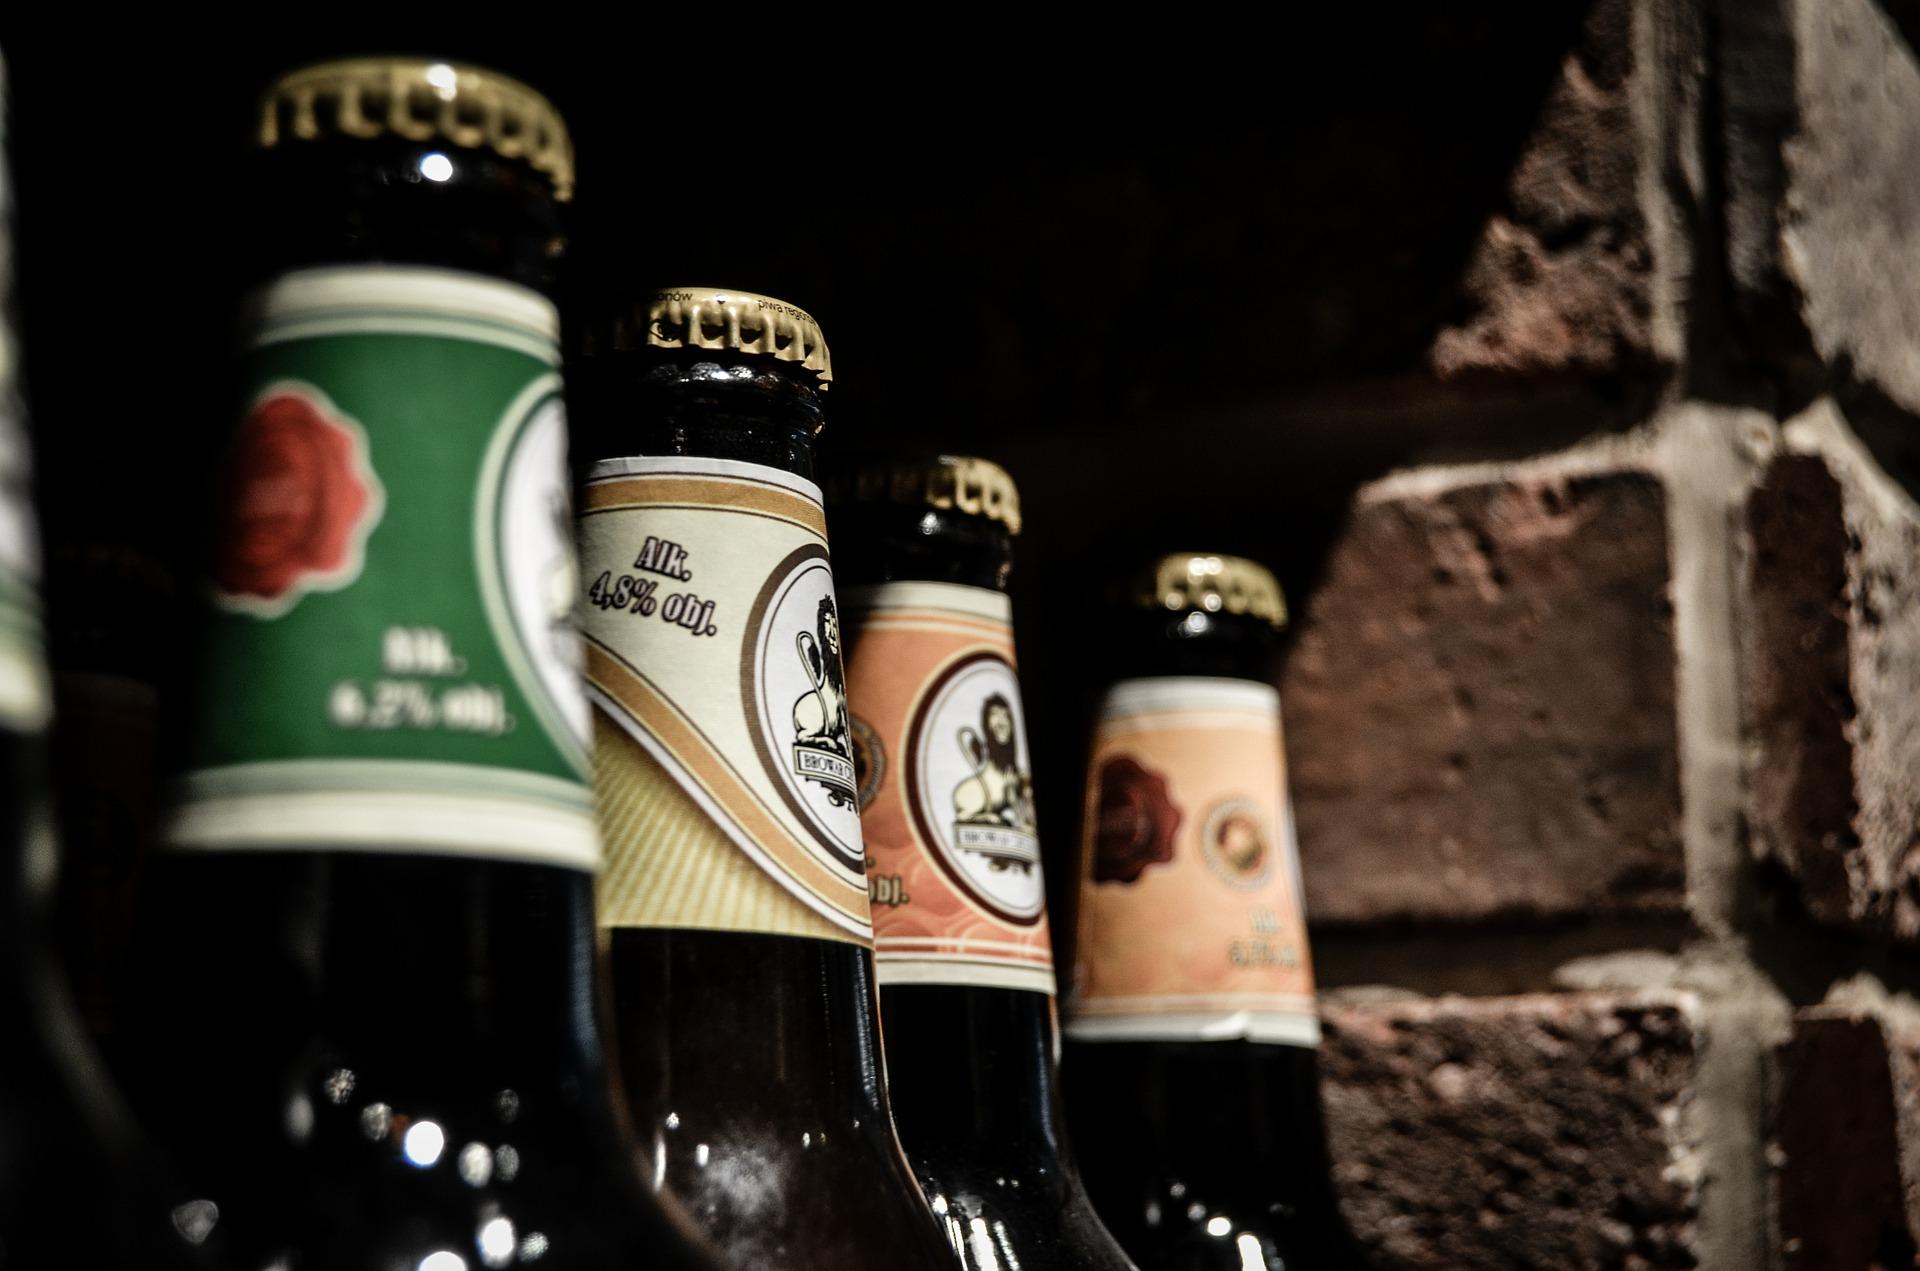 horaires de fermeture vente à emporter alcool